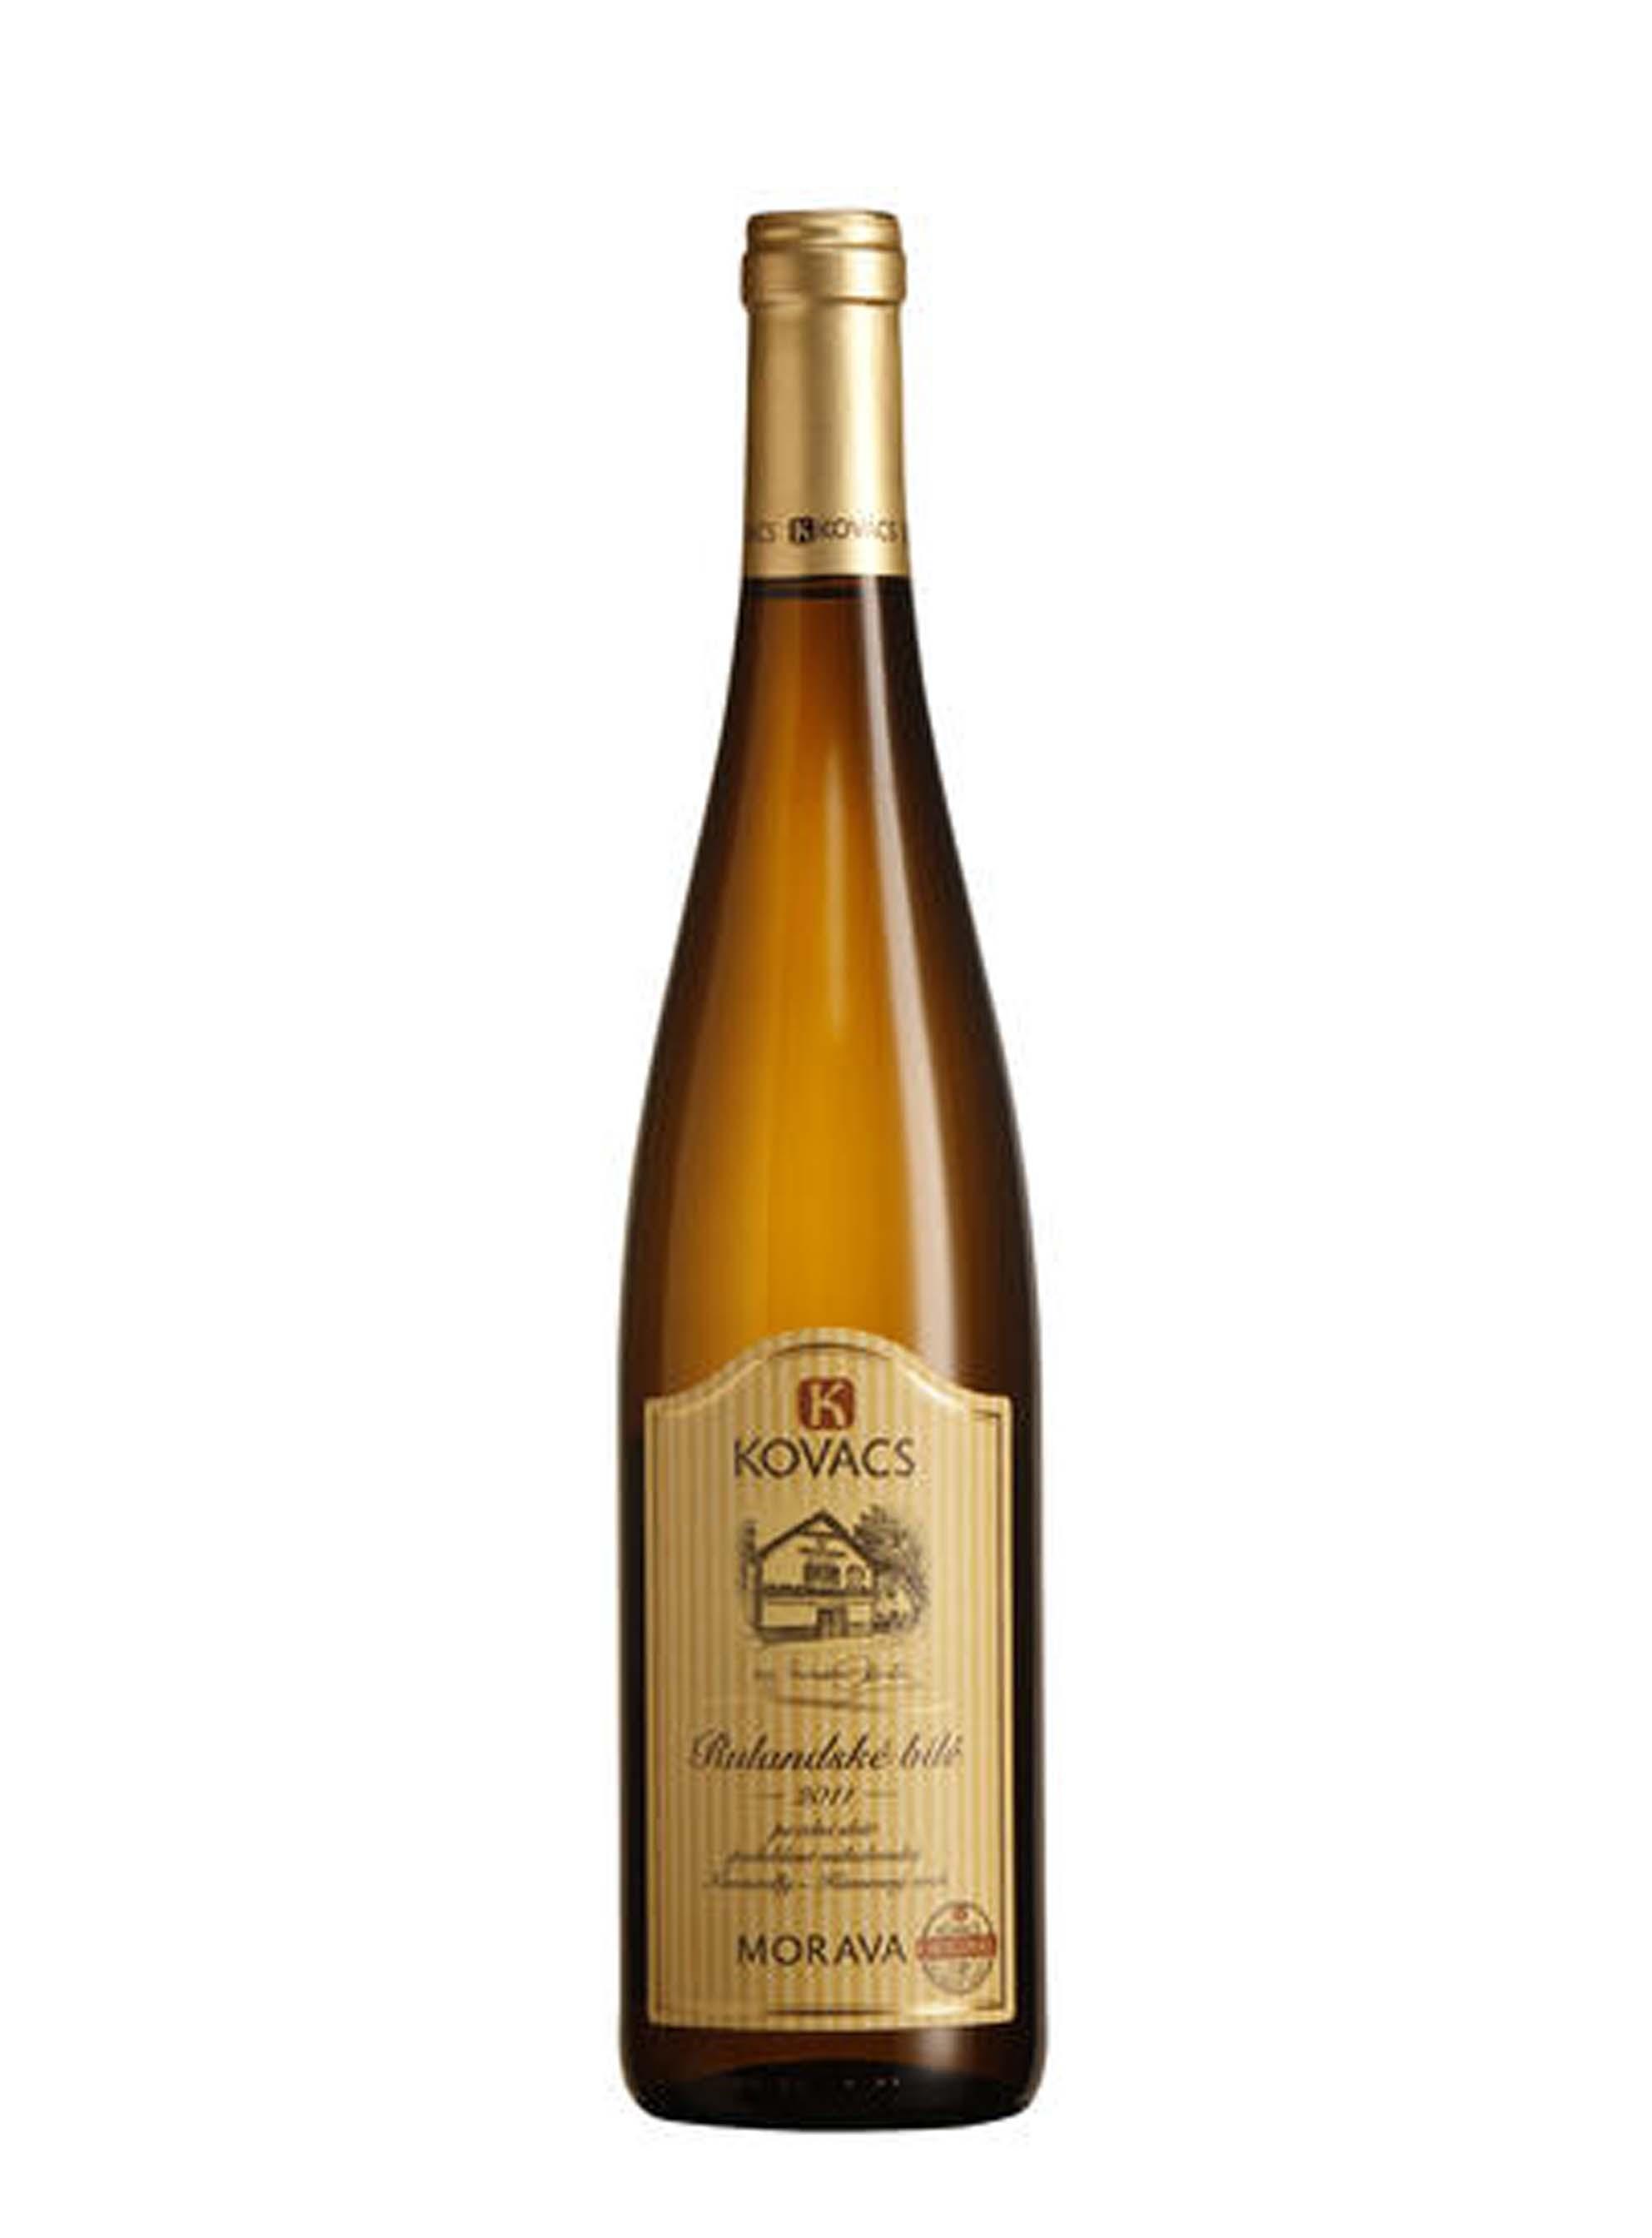 Rulandské bílé, Pozdní sběr, 2011, Vinařství Kovacs, 0.75 l